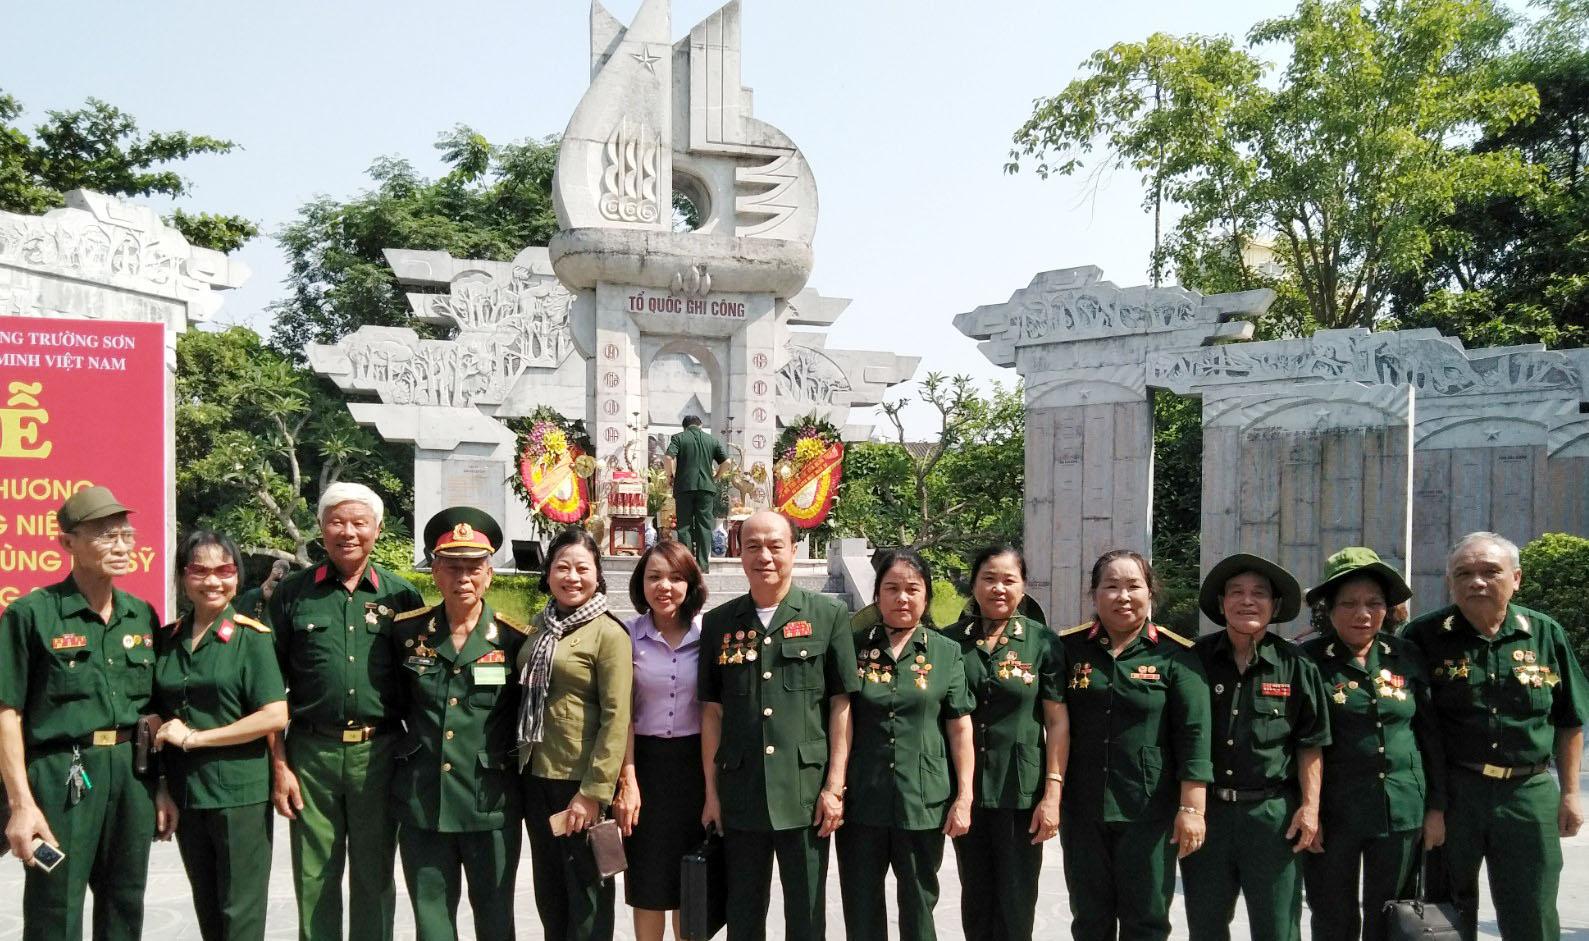 Hội Trường Sơn tỉnh Lào Cai cùng với những hoạt động trong ngày dự lễ kỷ niệm 60 năm ngày mở đường Hồ Chí Minh